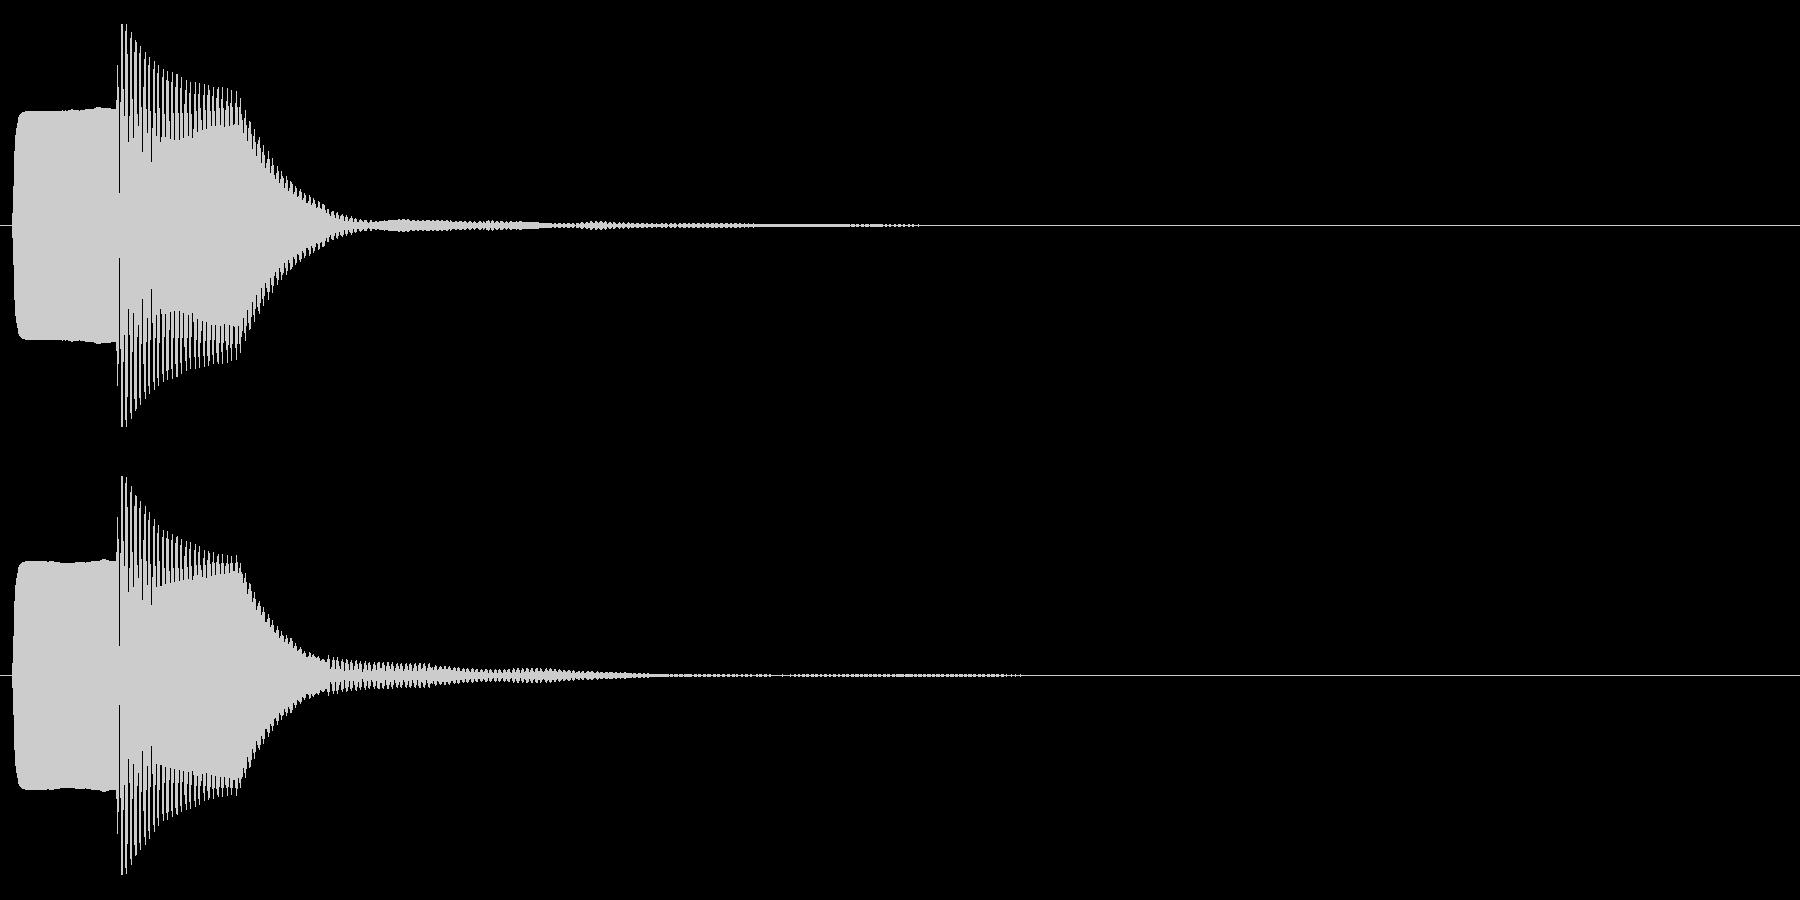 ピコン(キャンセル,終了,停止)_03の未再生の波形